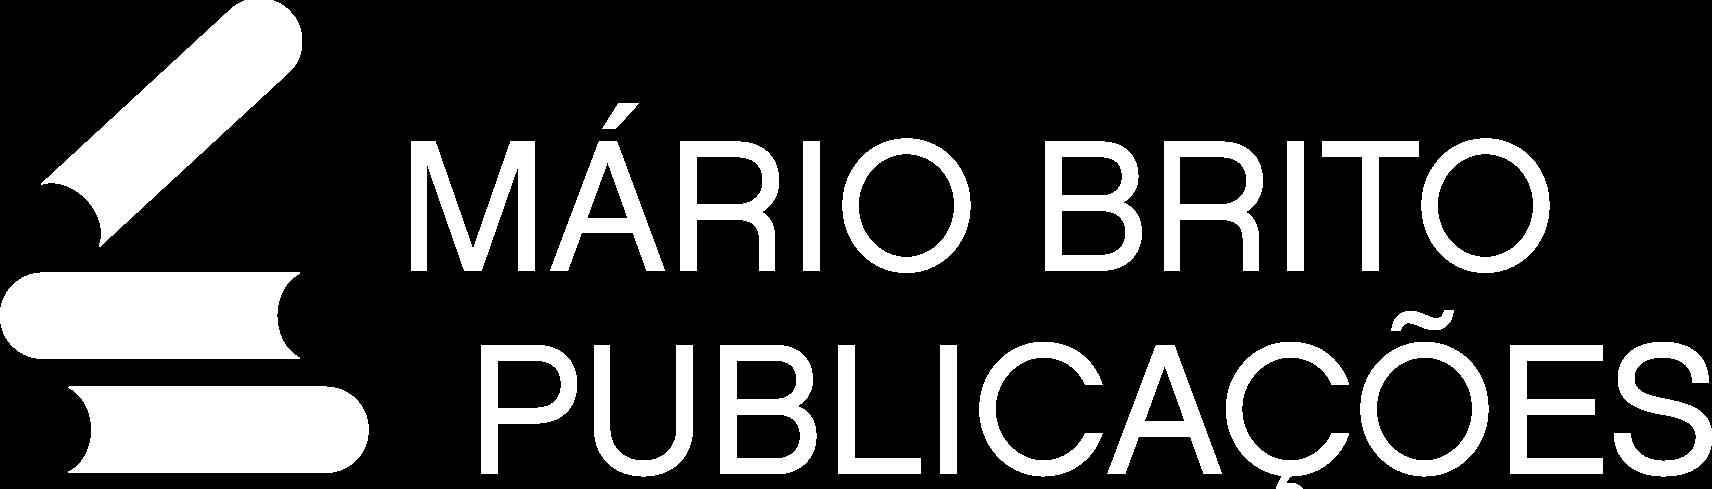 Mário Brito Publicações